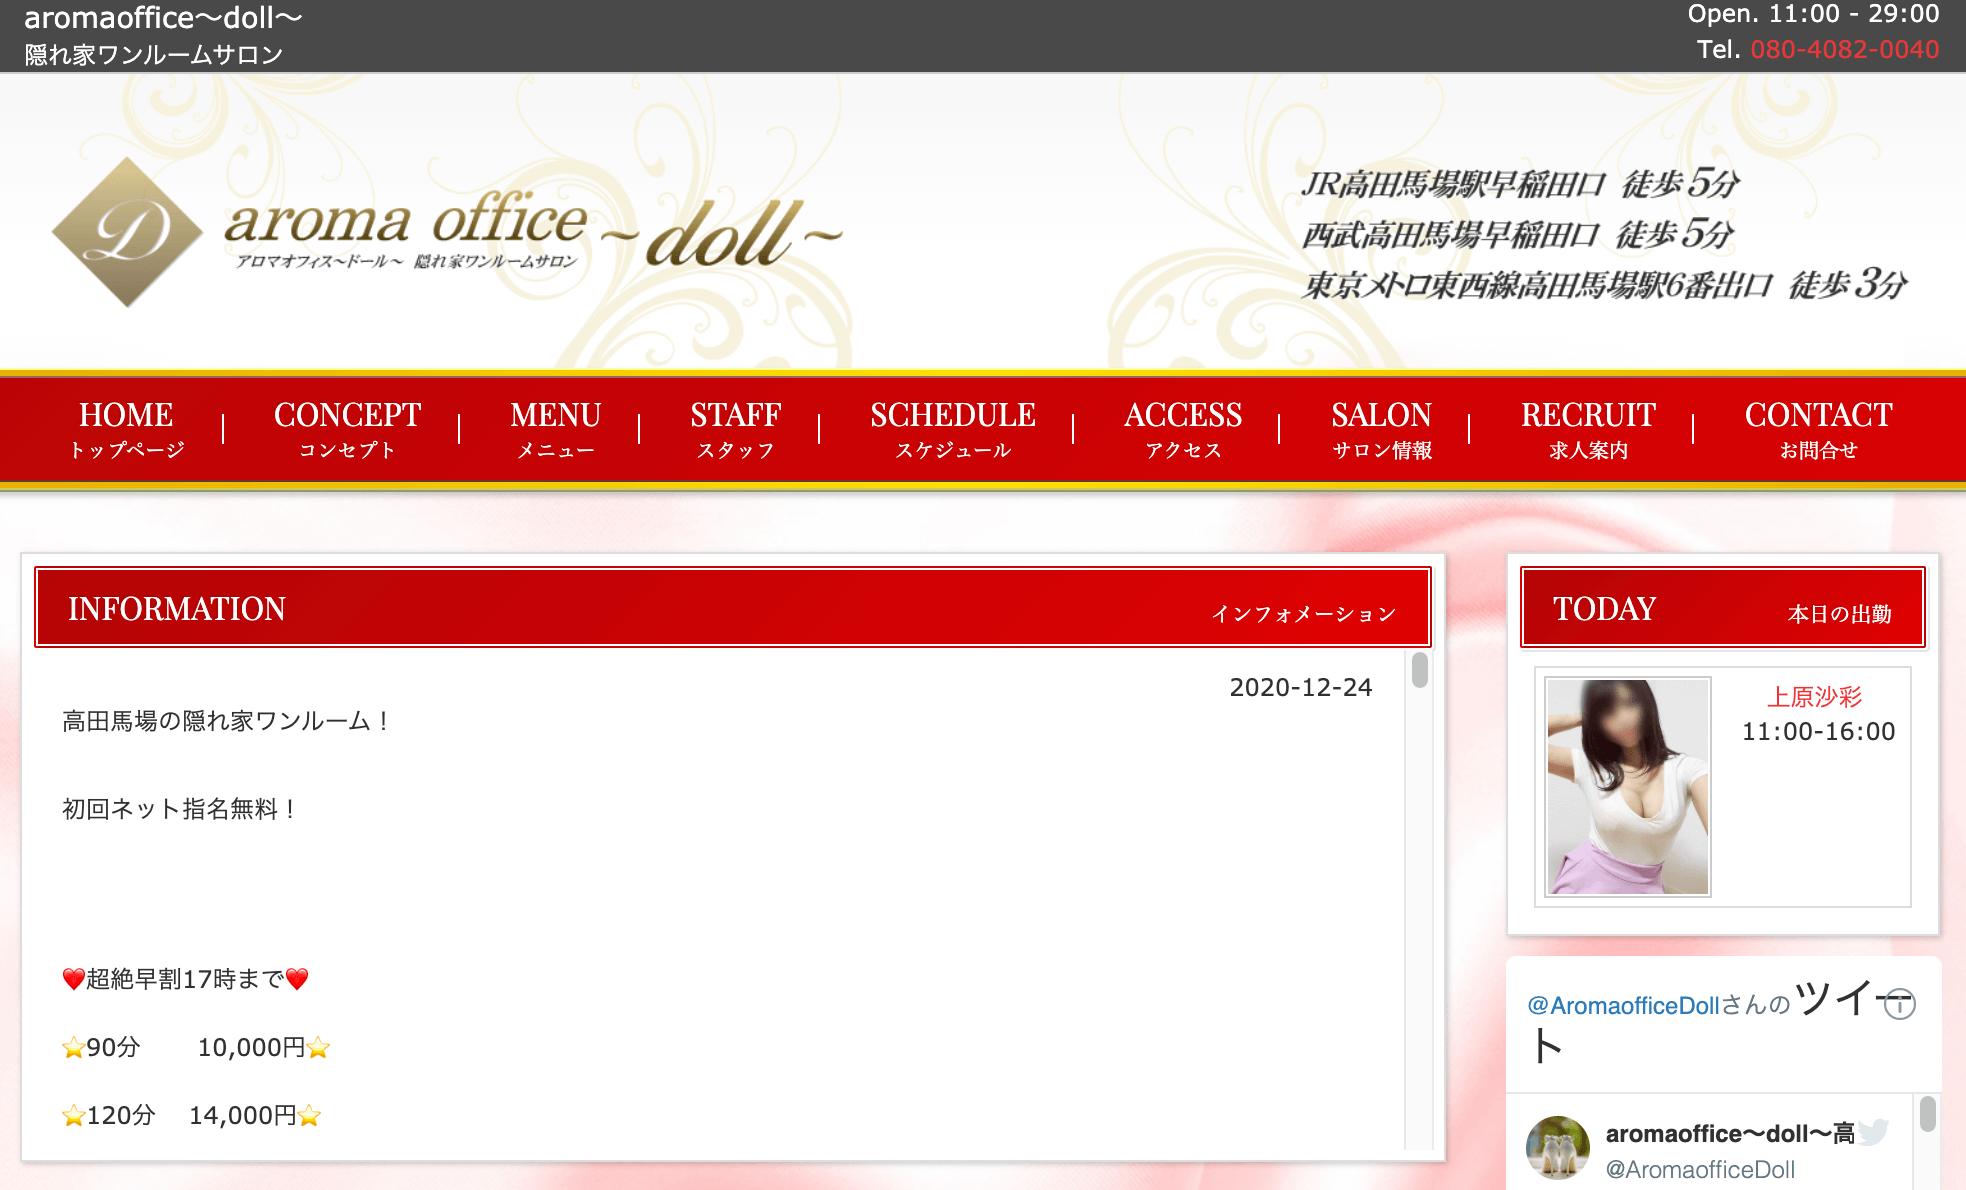 アロマオフィス・ドール